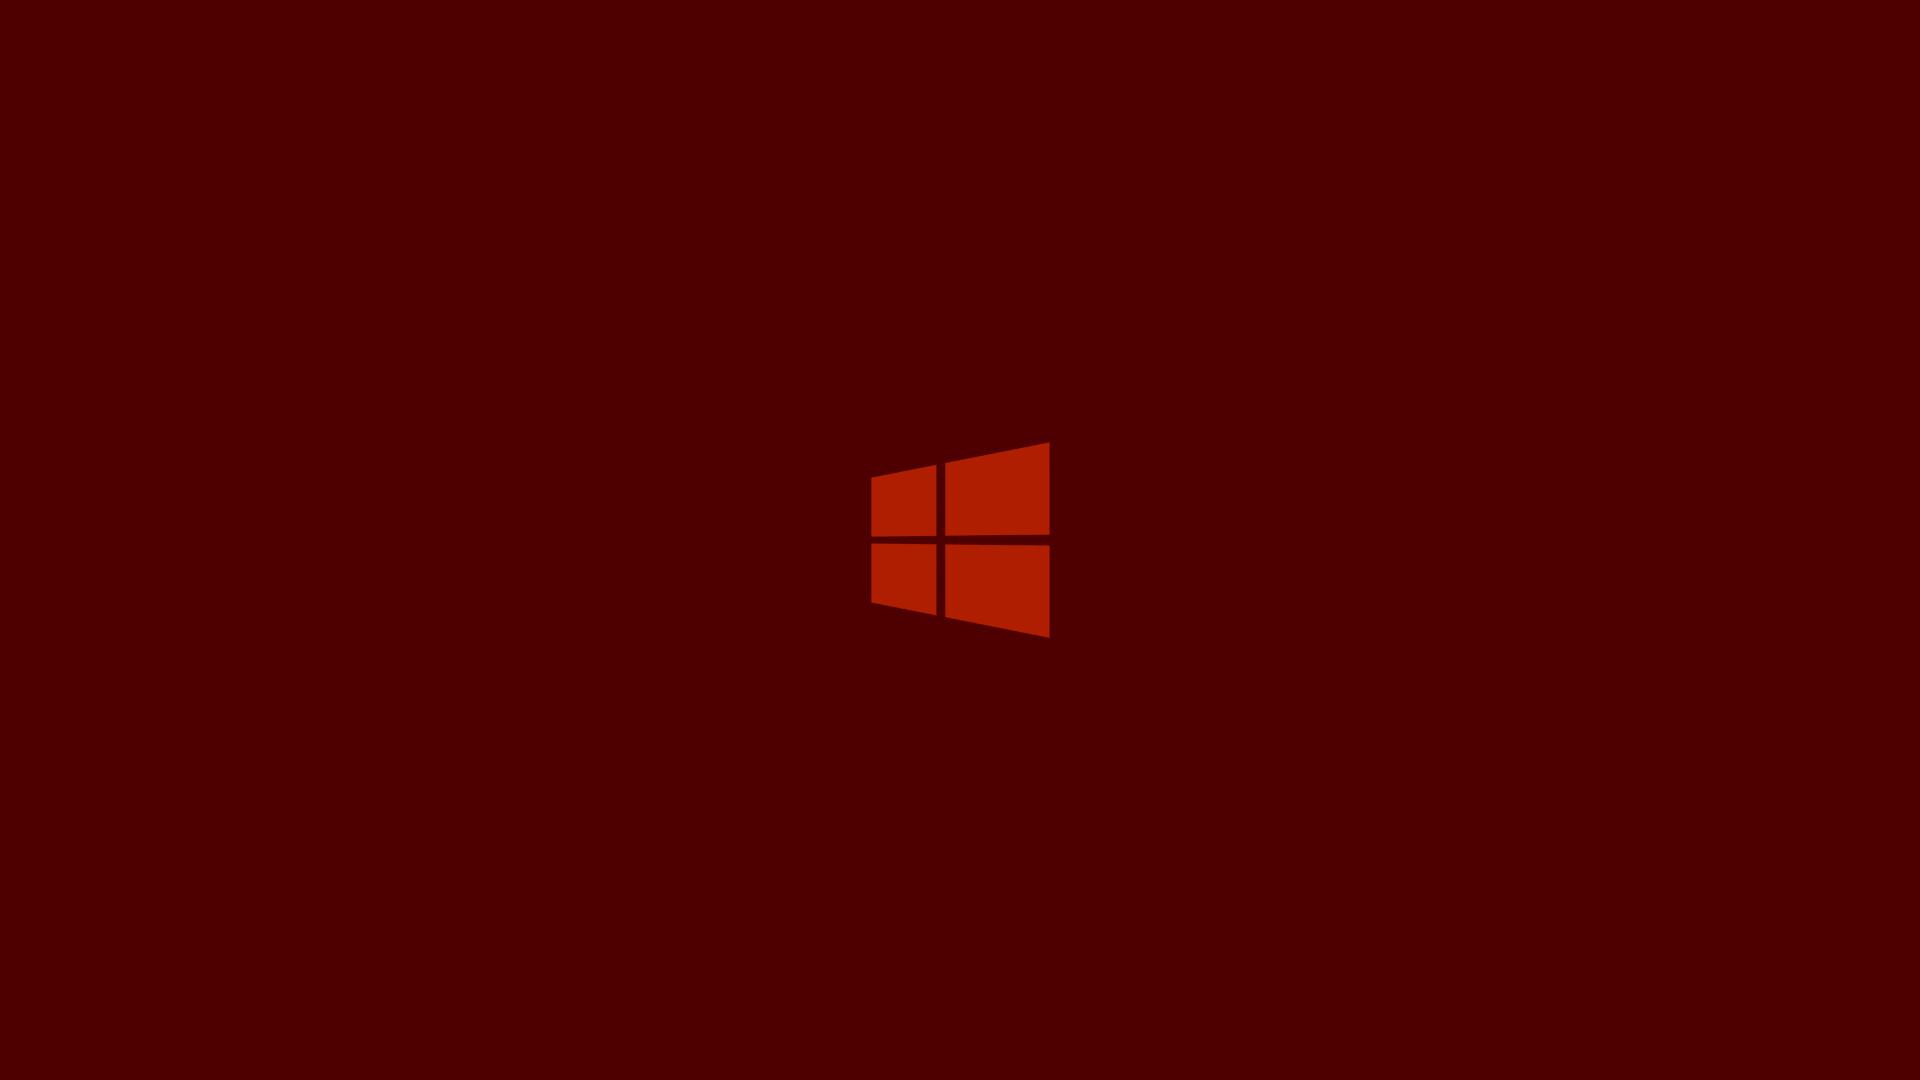 Red Black Windows Wallpaper Pinterest 검정색